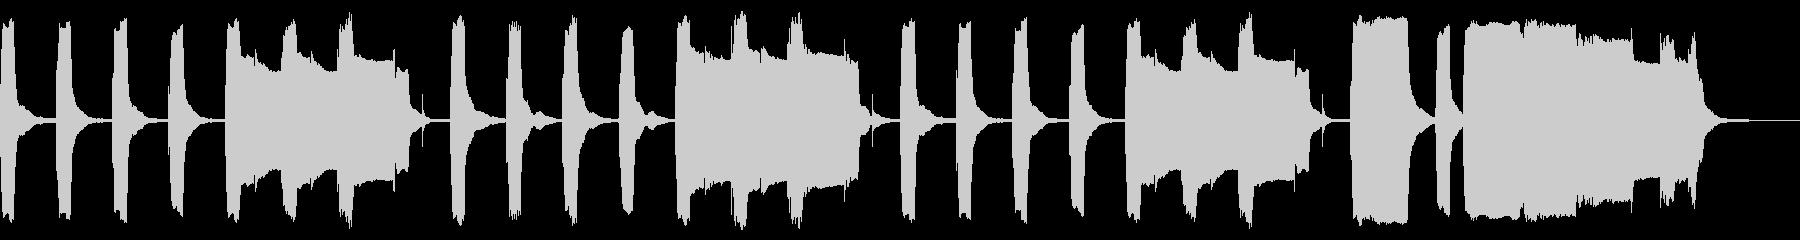 ほのぼの+日常なリコーダージングルの未再生の波形